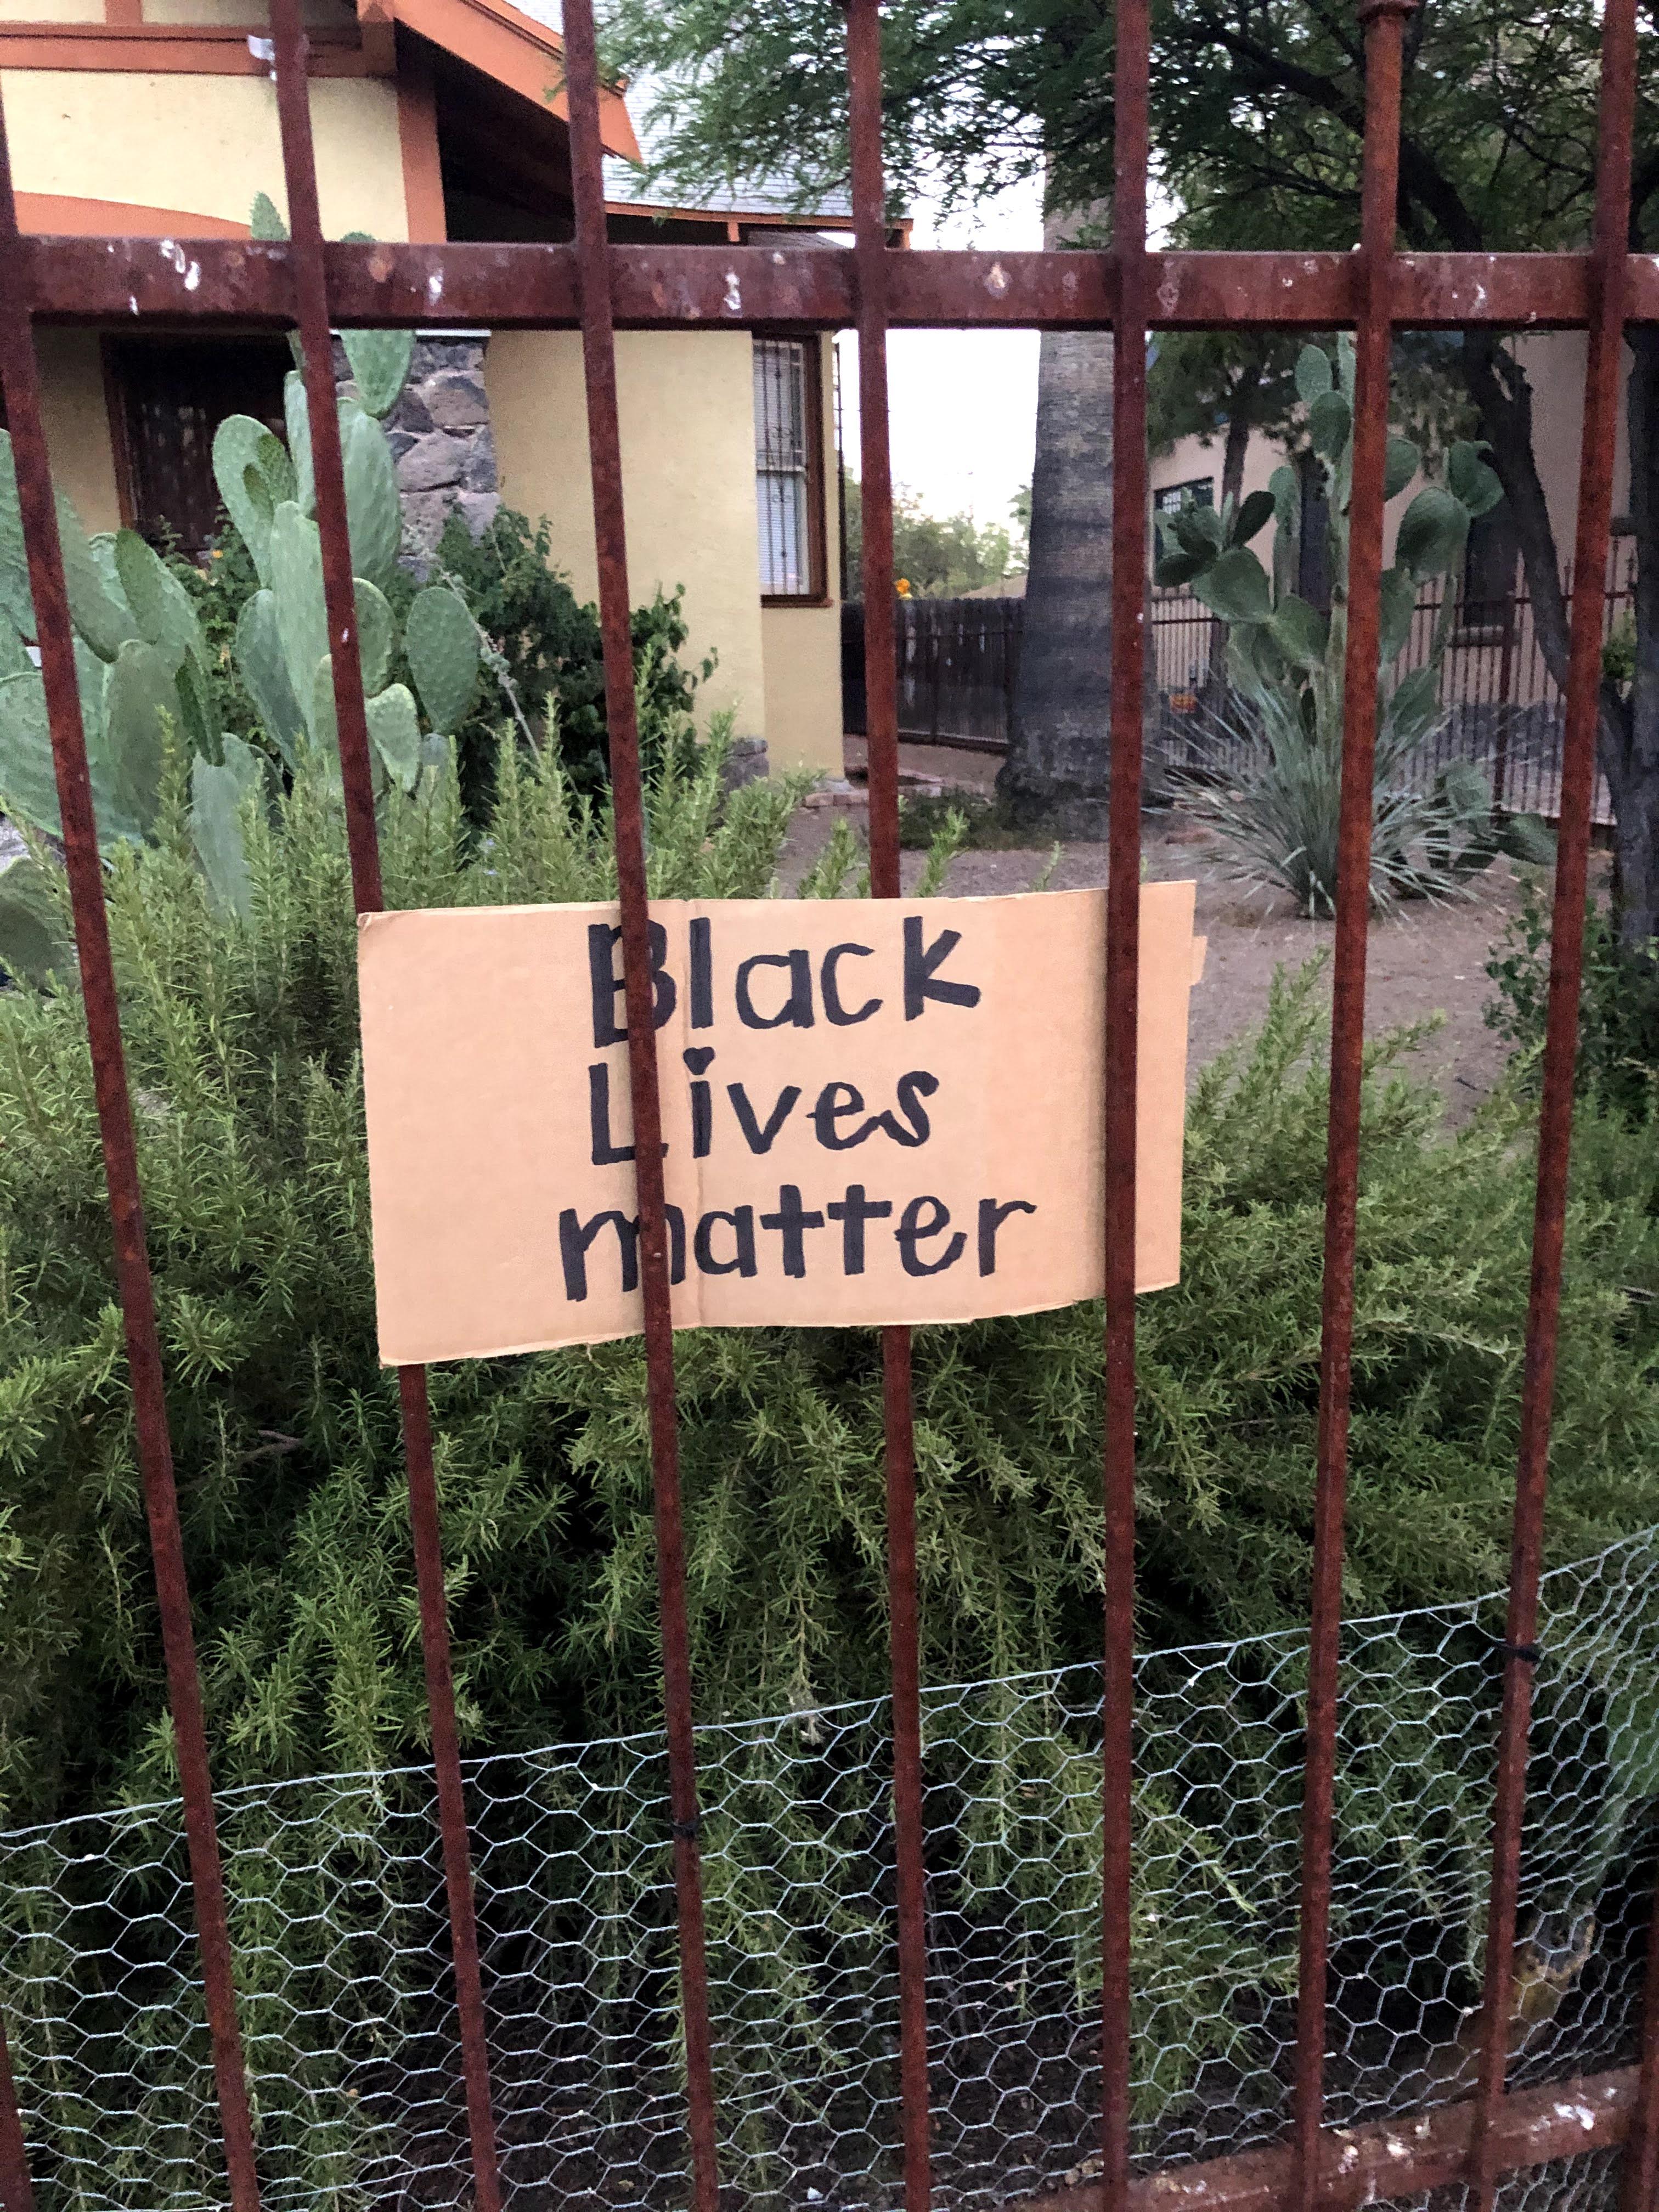 Black Lives Matter sign on a fence.